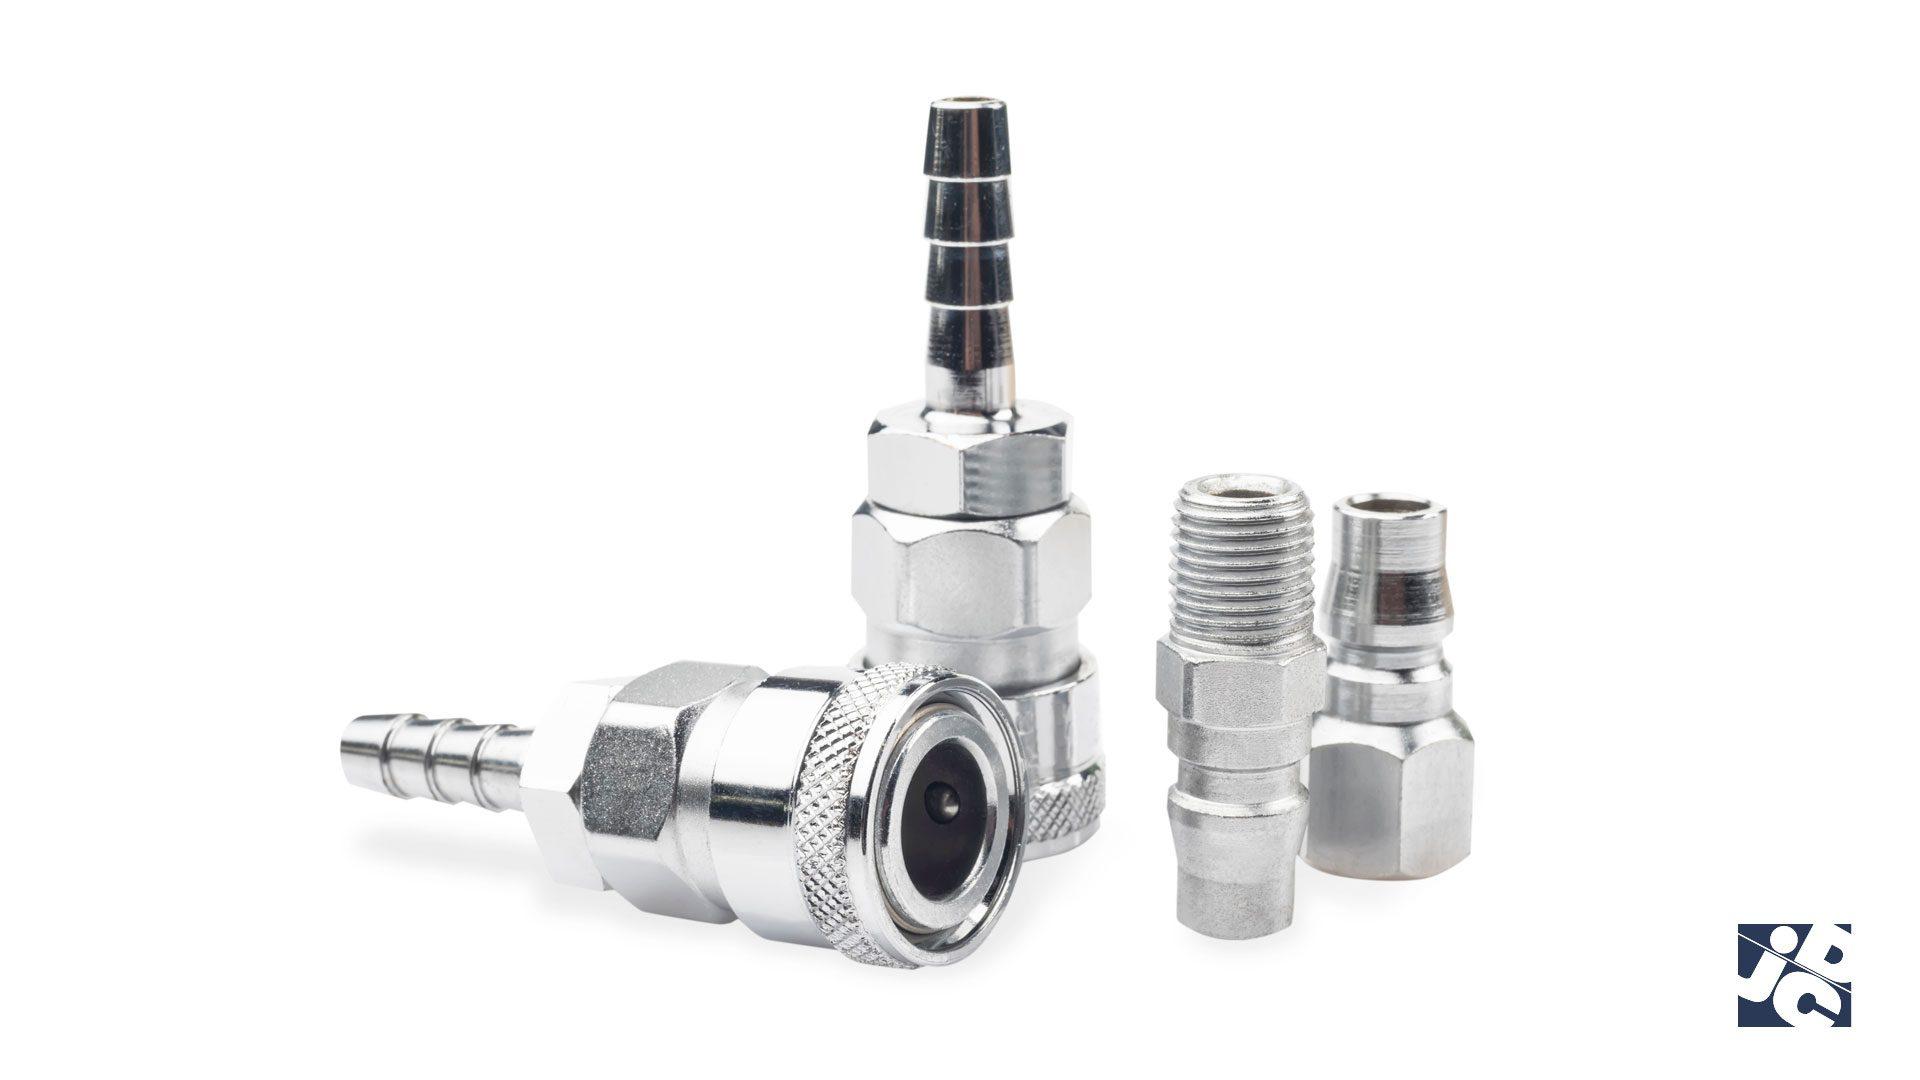 DJC connecteur hydraulique pour assemblage detuyaux